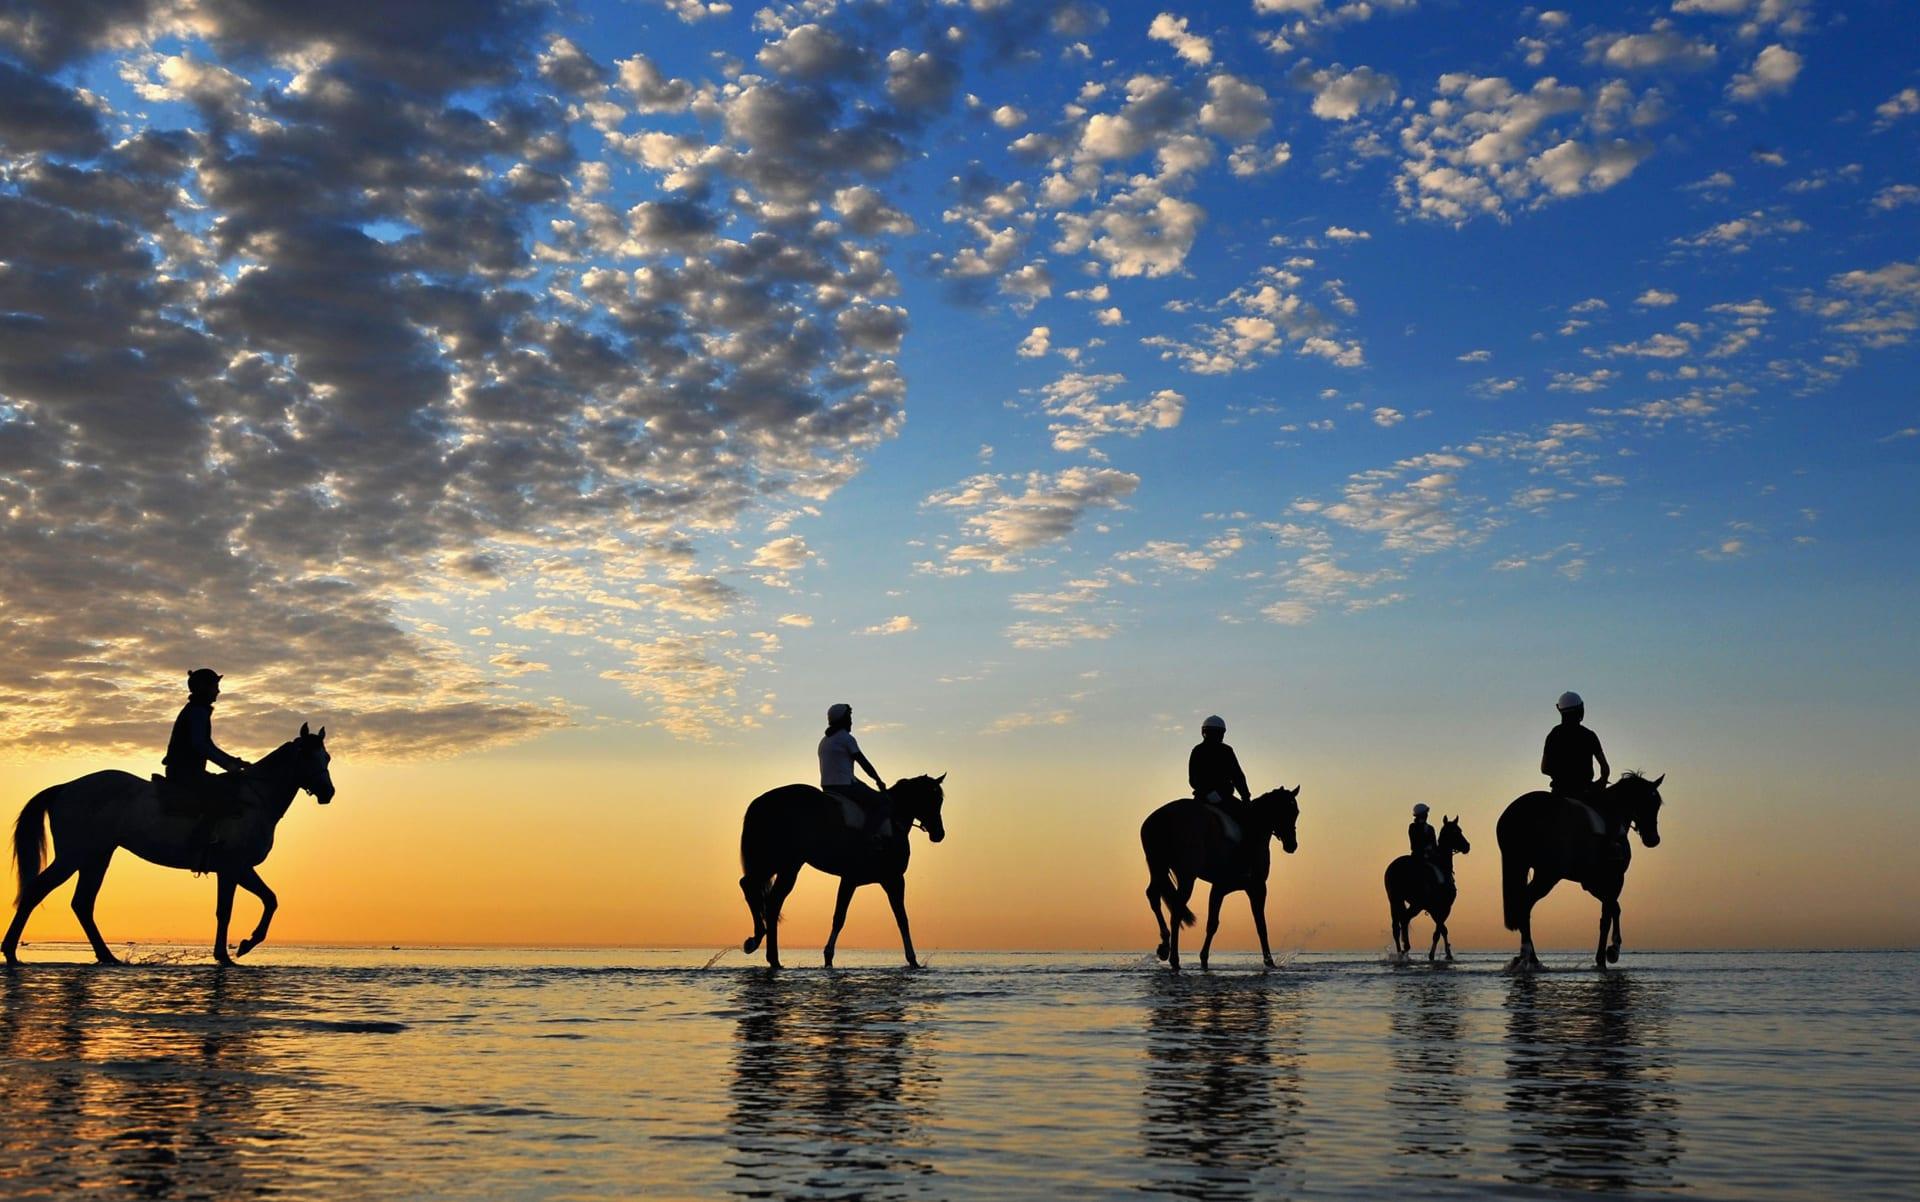 مدرب خيول يشاركنا أسرار تحضير الحصان لأغلى سباق خيول في العالم